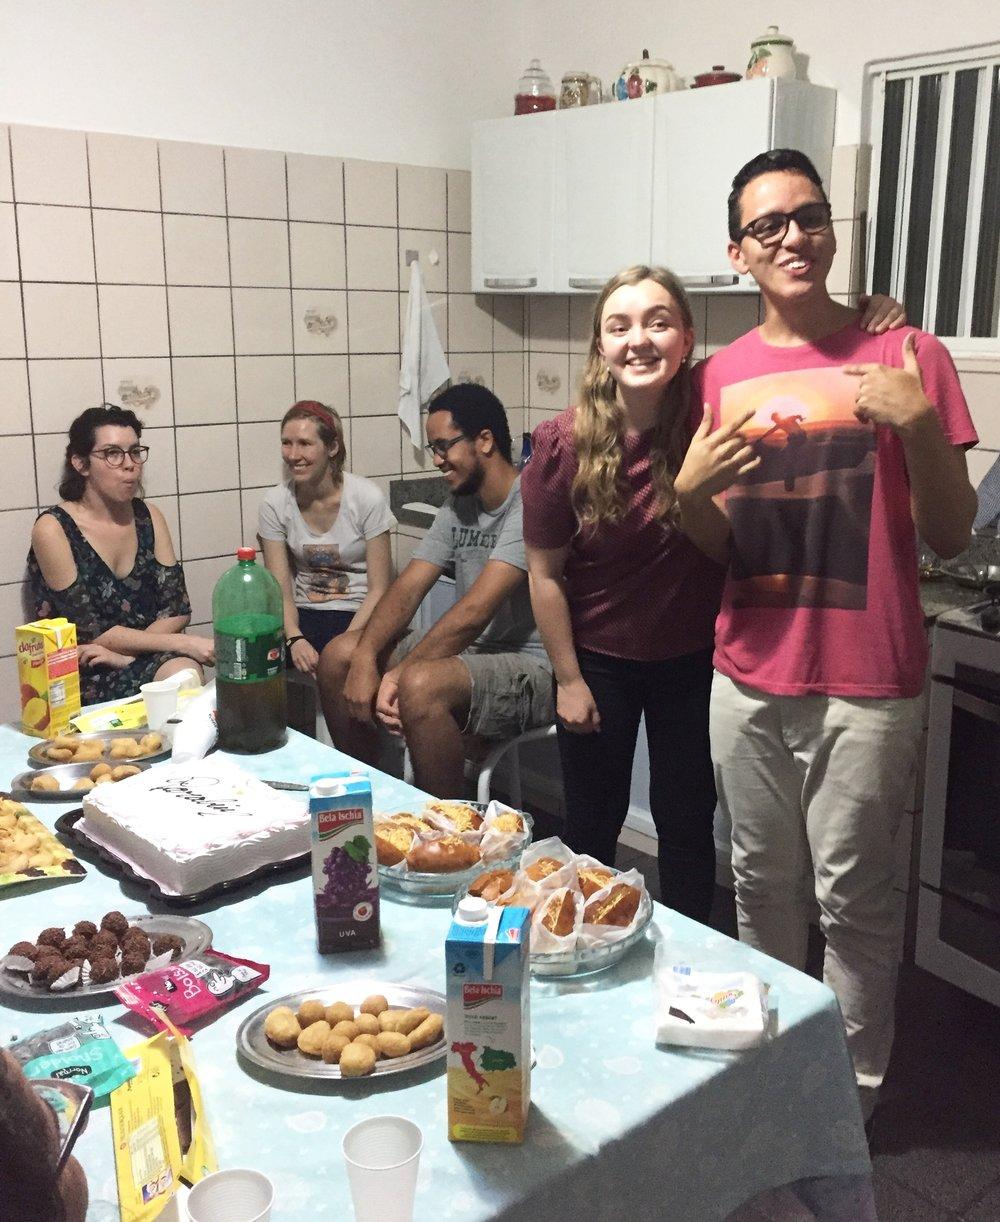 Bursdagsfeiringen til Sofie og vår kjære venn Joubert - vellykket surprise-party!